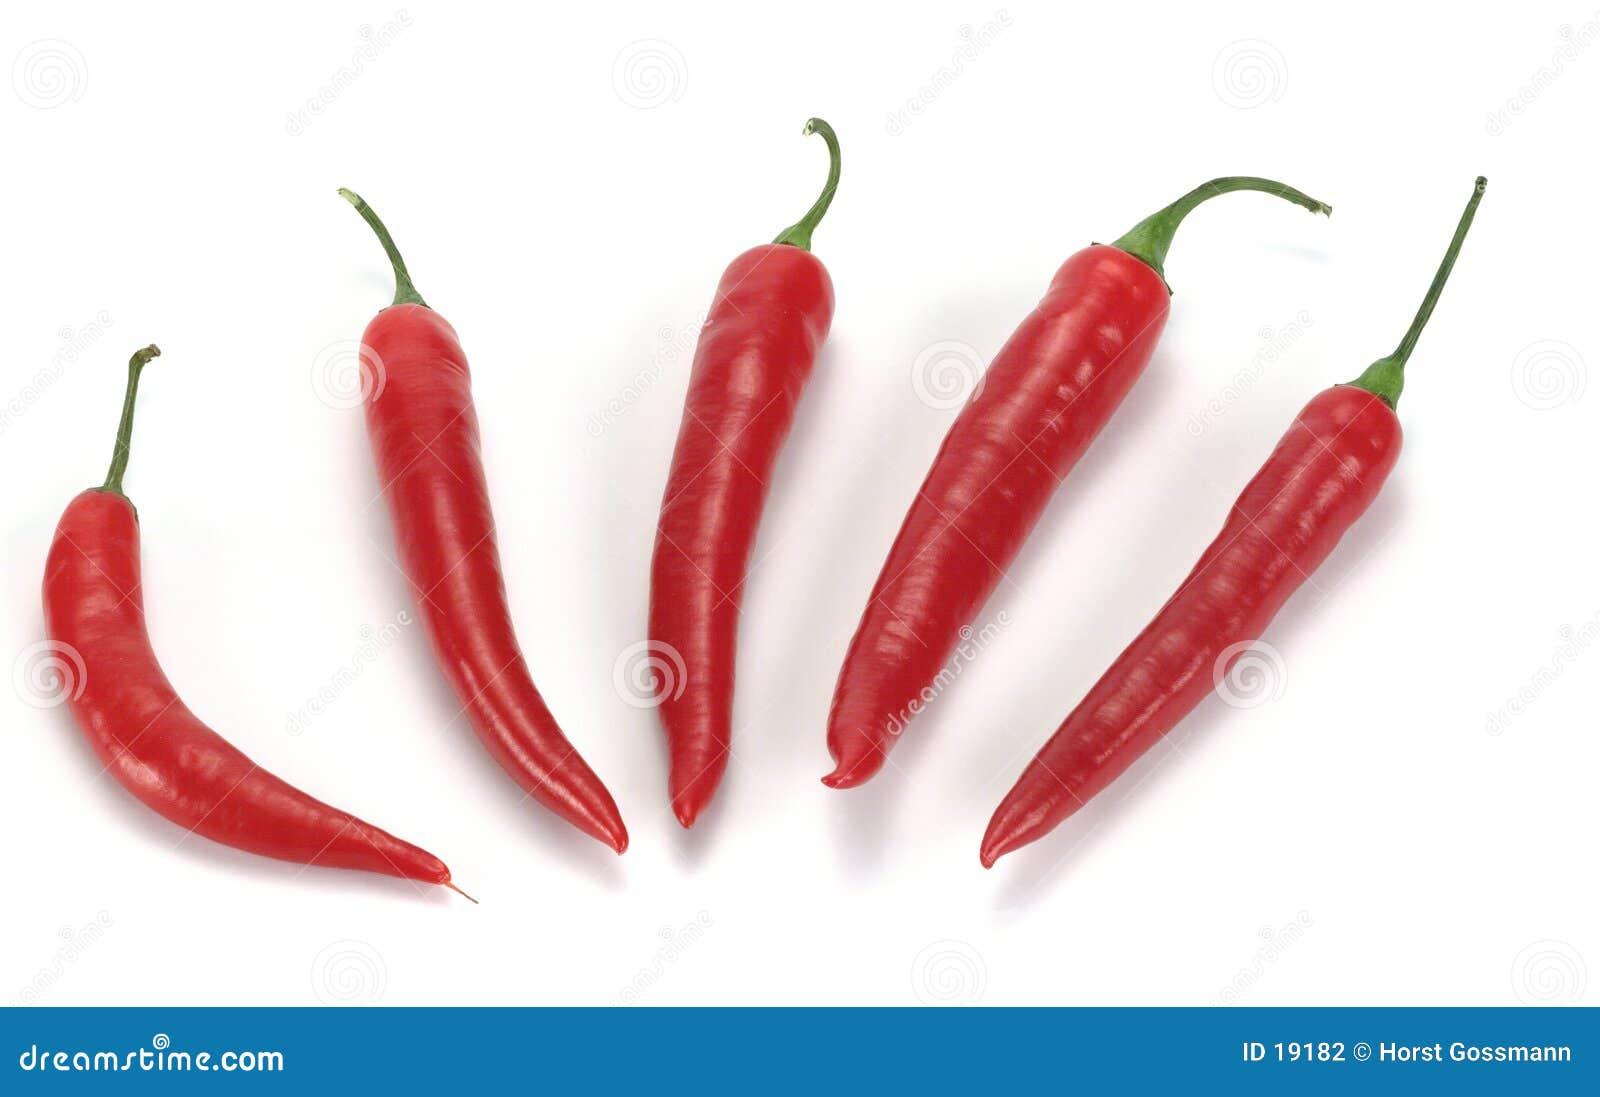 Pimienta de chile